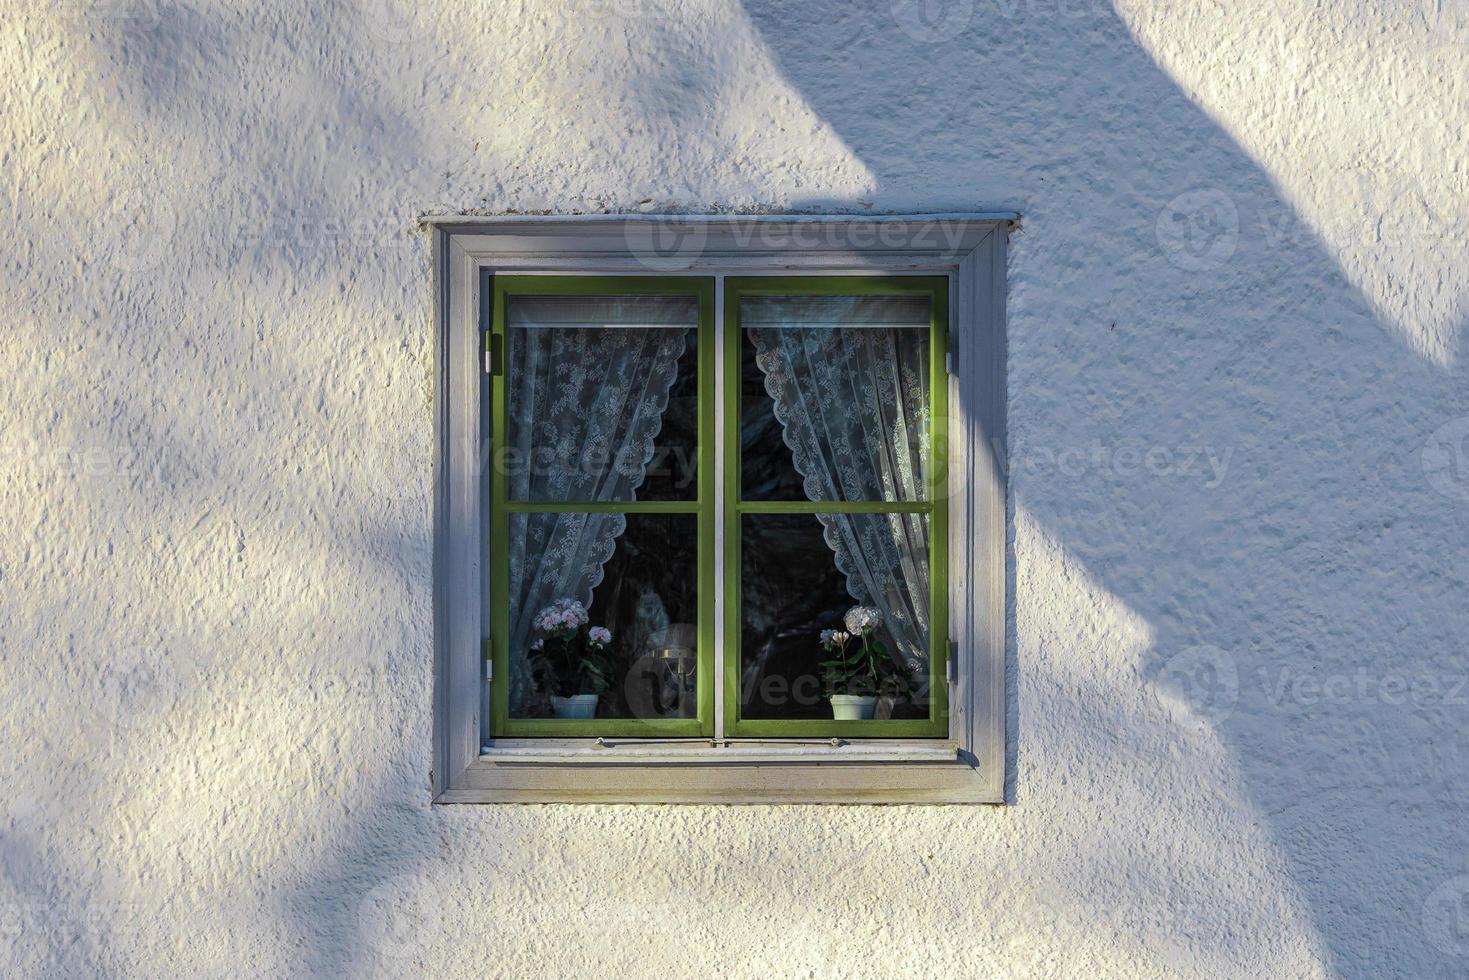 oud raam met groen frame op een witte stenen muur foto